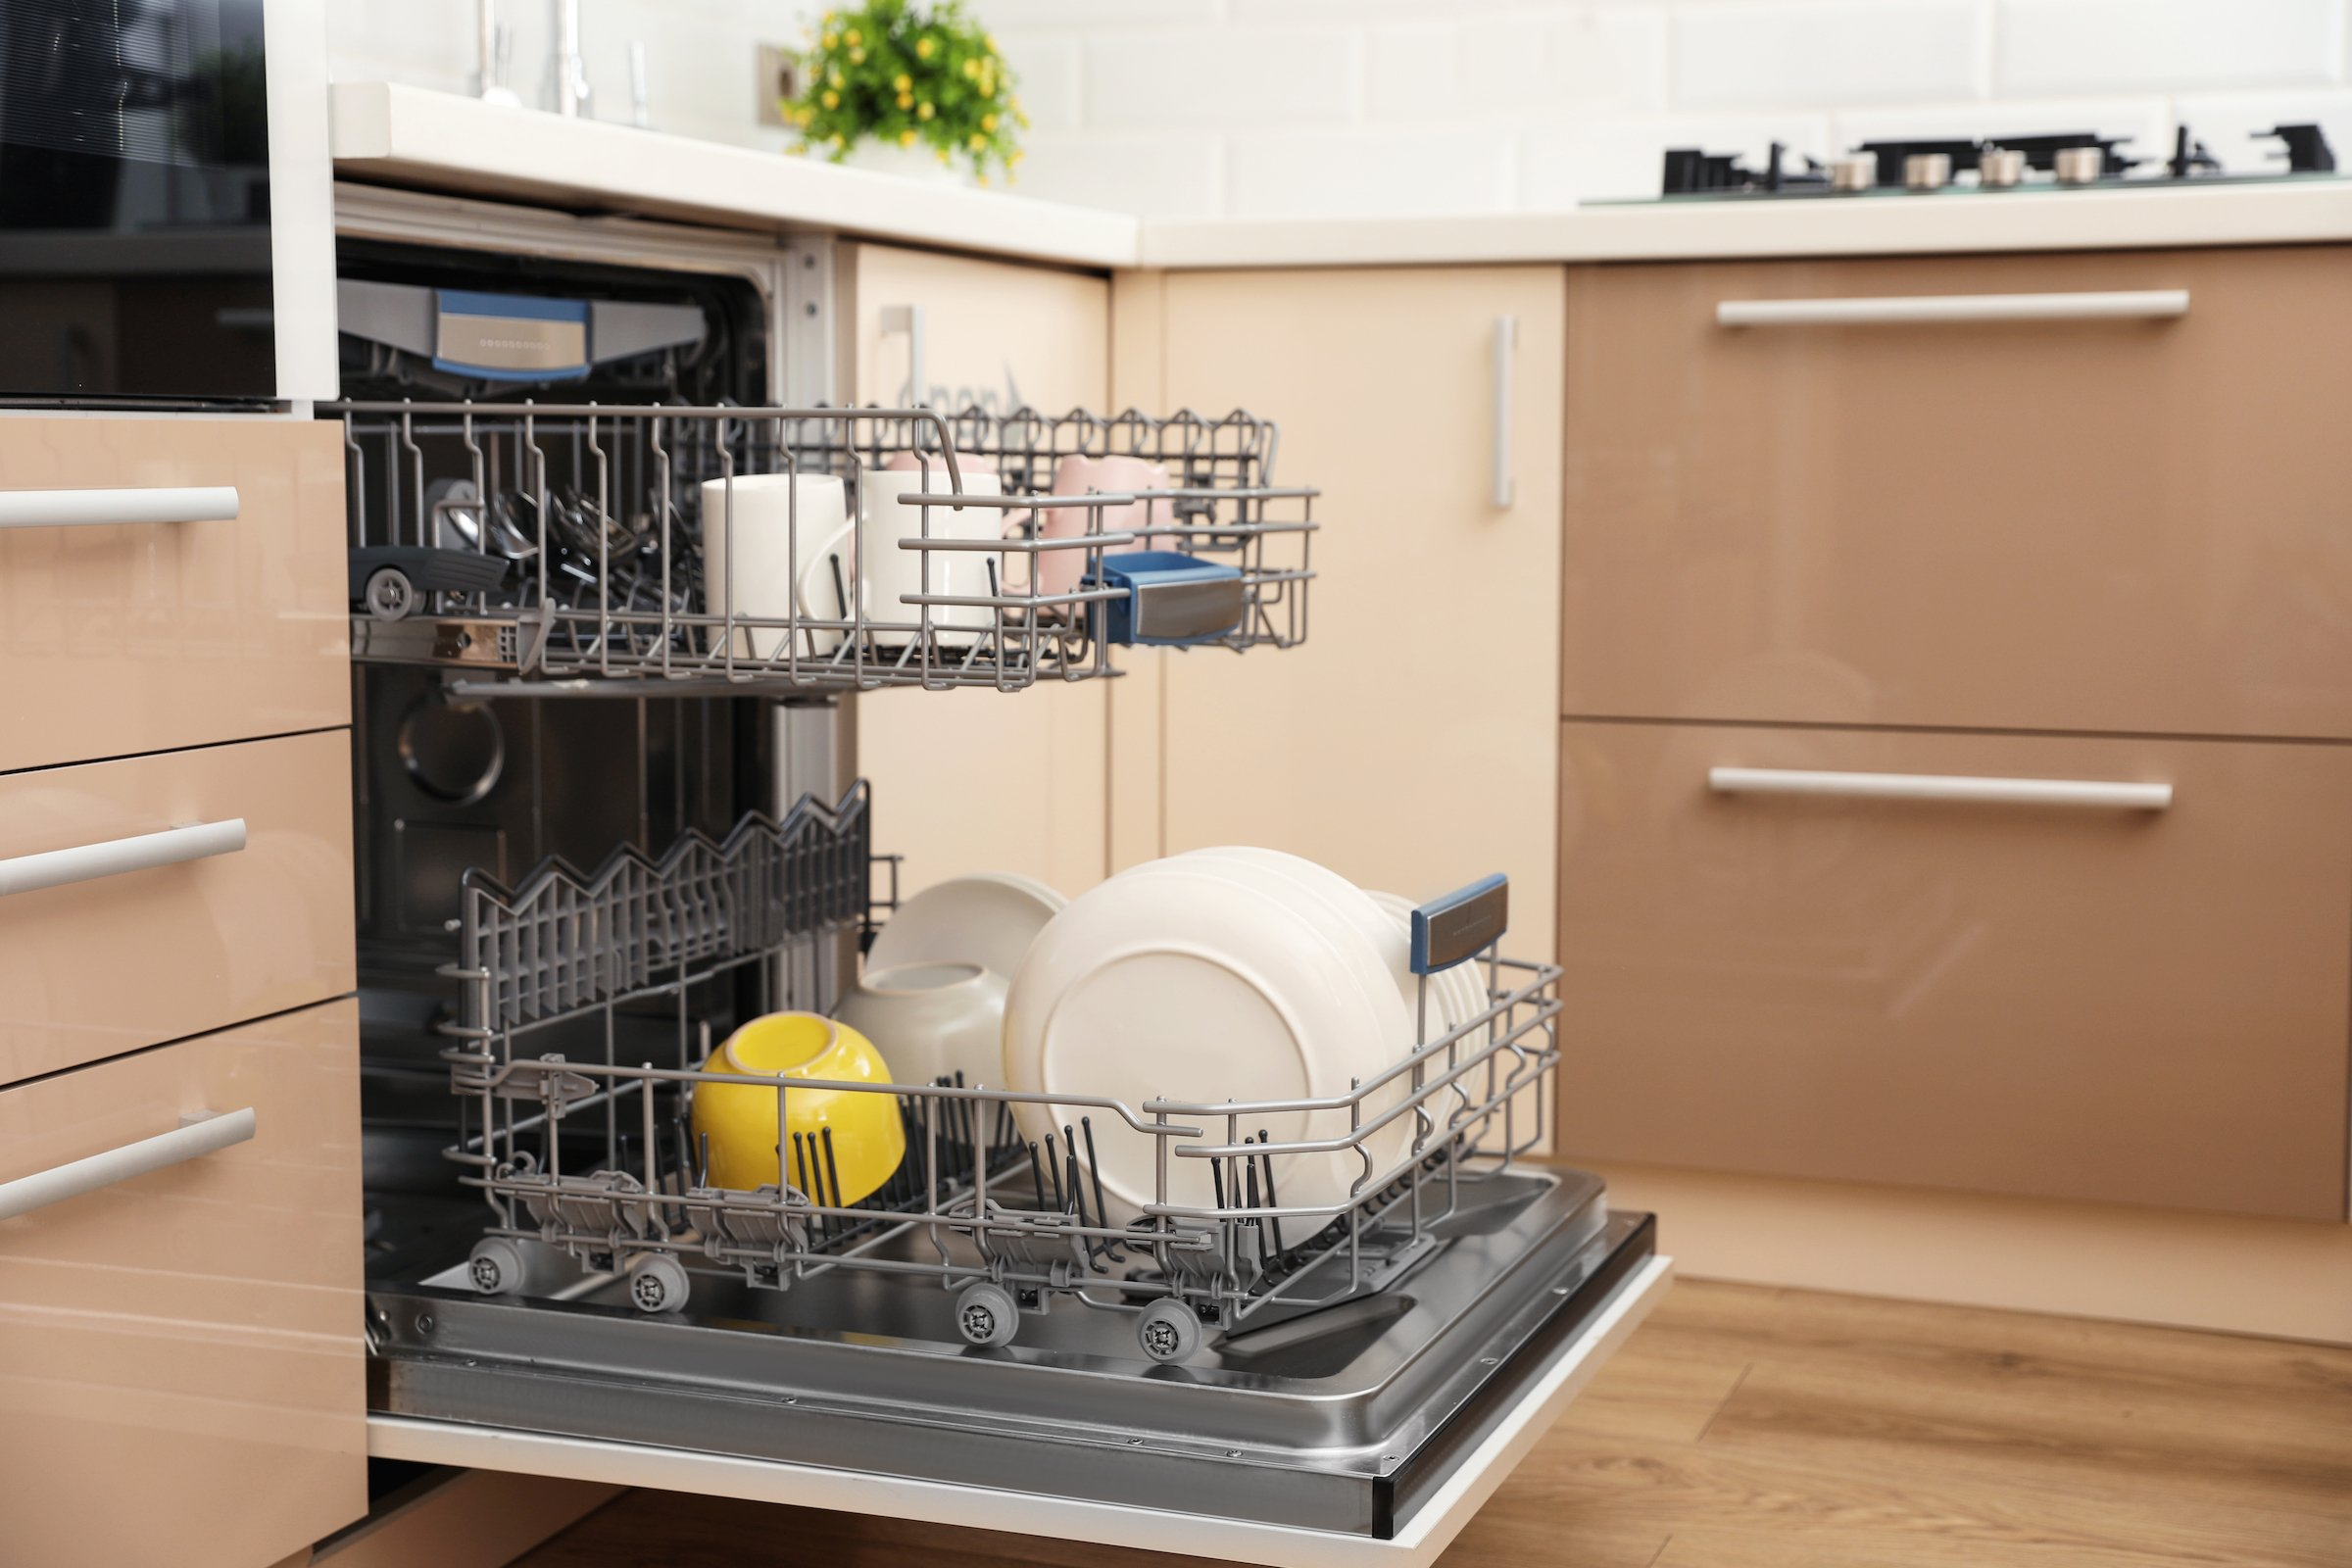 Nếu đang có ý định mua máy rửa bát cho gia đình thì bạn không nên bỏ qua 5 lưu ý quan trọng dưới đây - Ảnh 2.